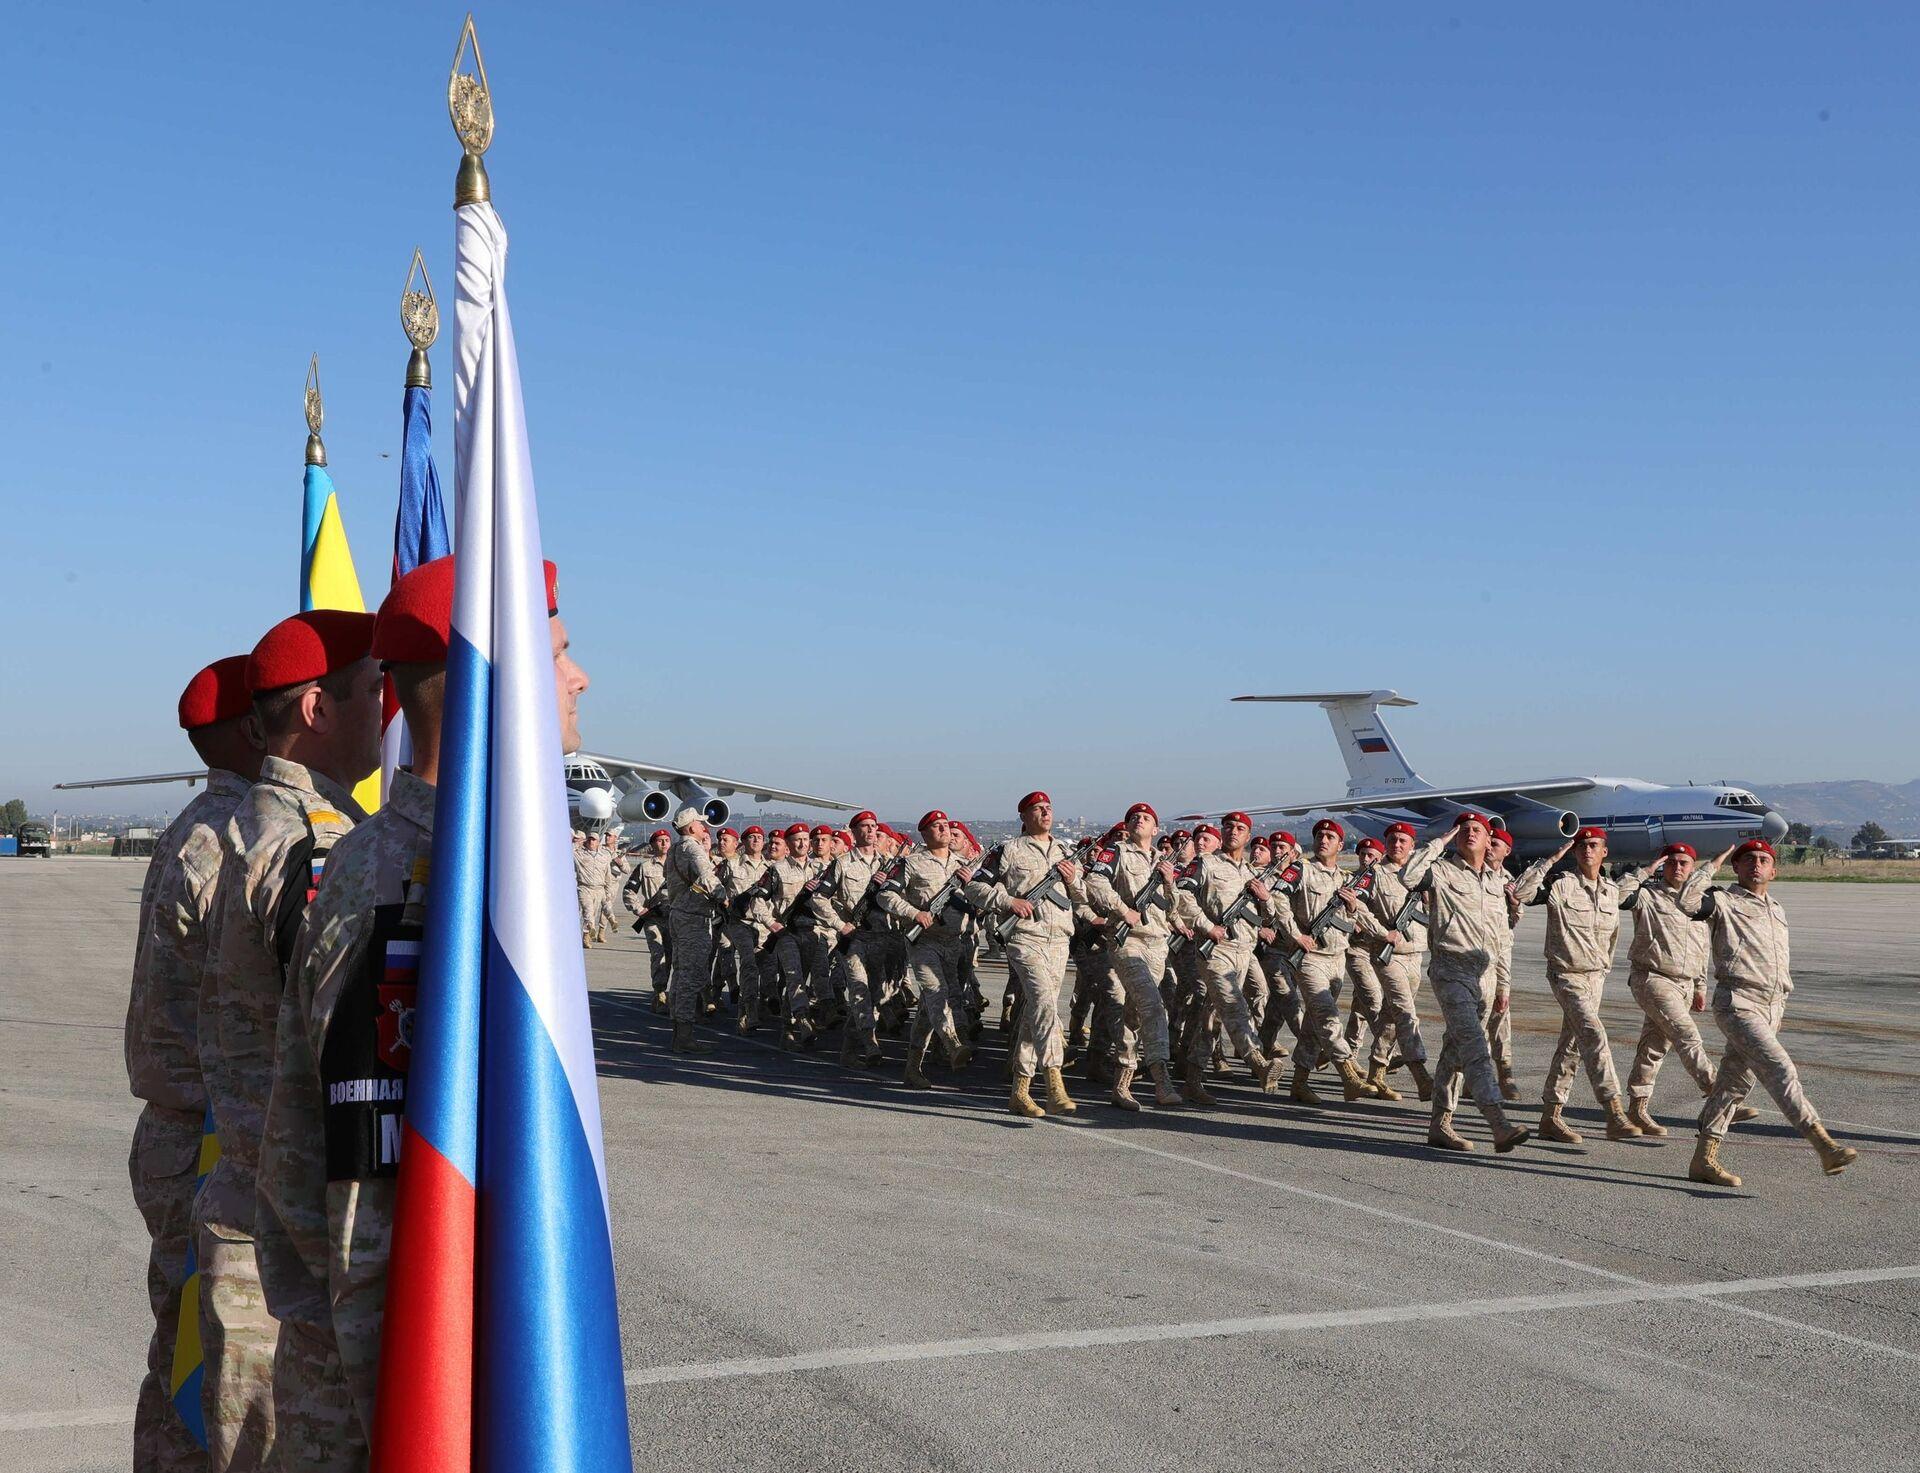 Российские военнослужащие на авиабазе Хмеймим в Сирии. 11 декабря 2017 - РИА Новости, 1920, 29.09.2020